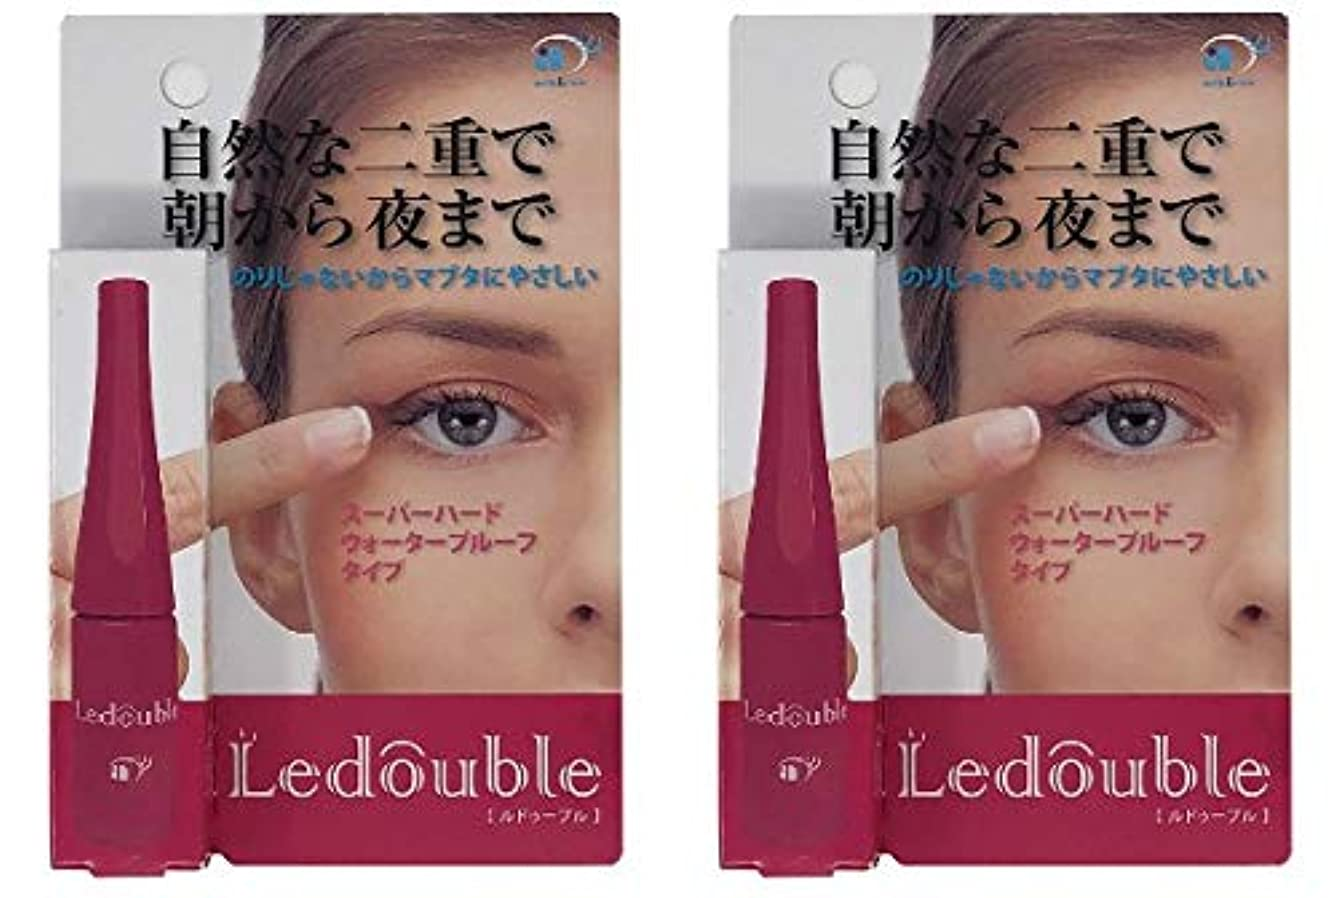 季節研究所老人Ledouble [ルドゥーブル] 二重まぶた化粧品 (4mL)×2個セット